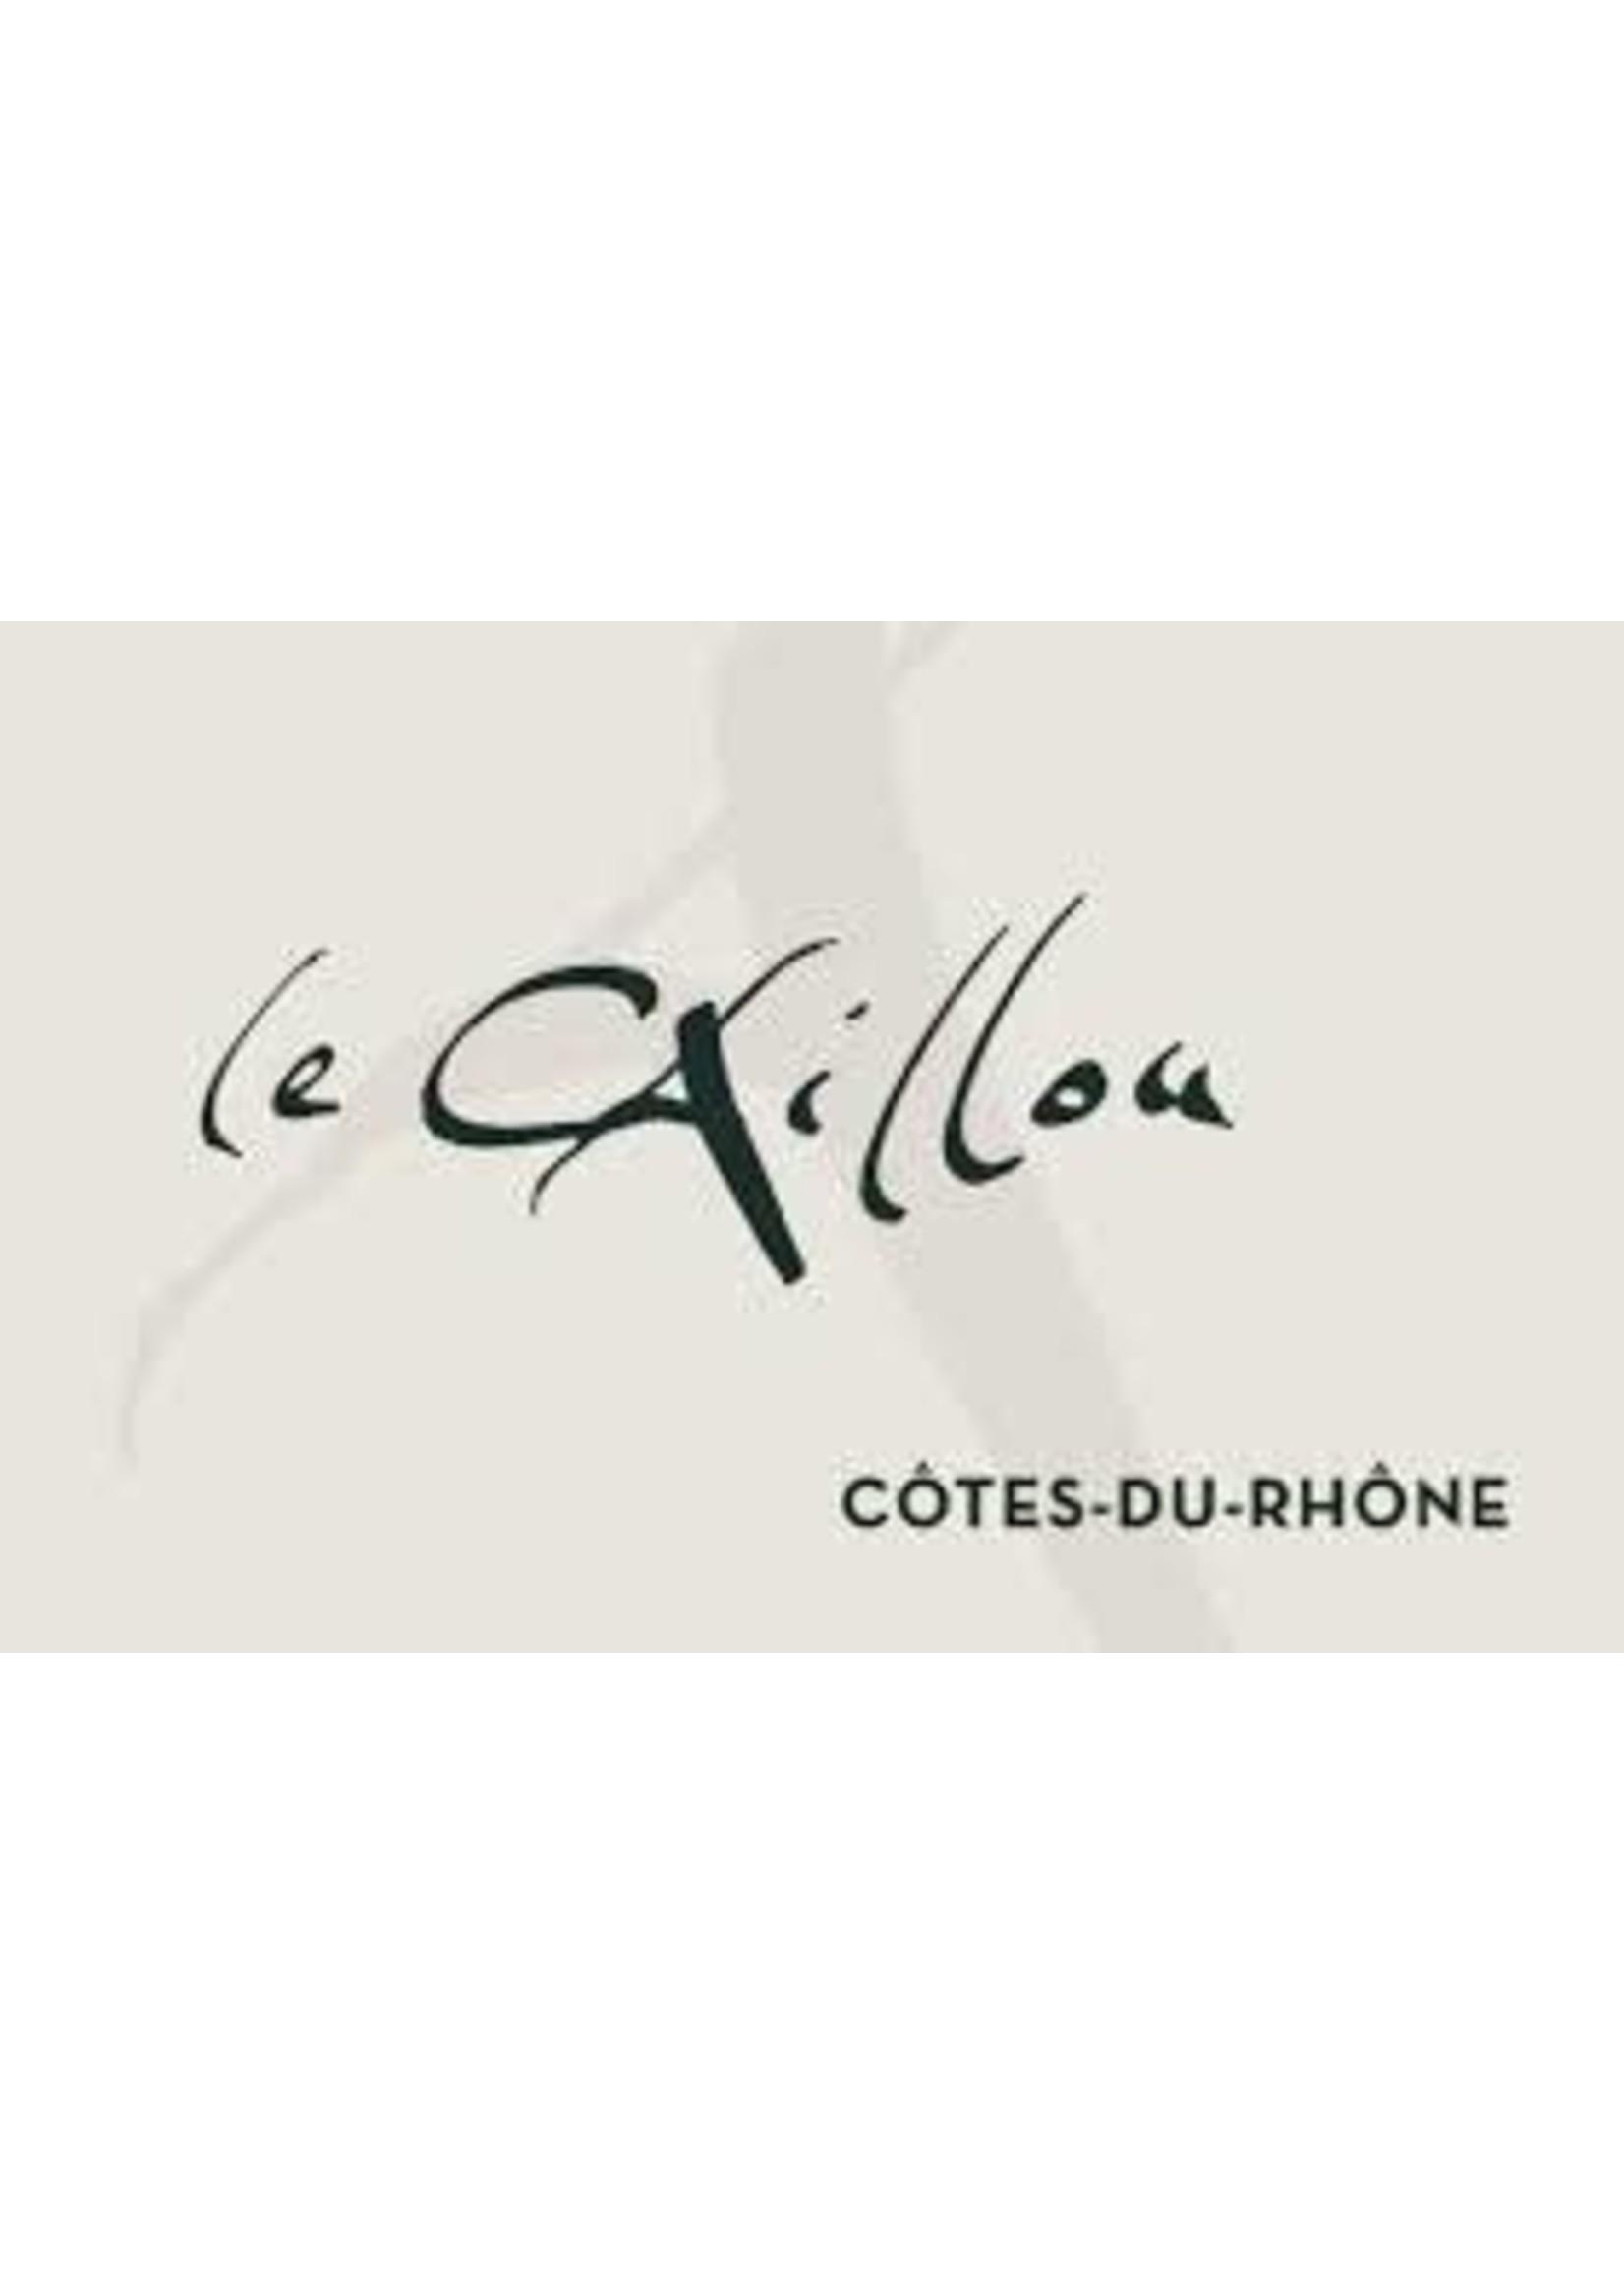 Clos du Caillou 2018 Cotes du Rhone Le Caillou Rouge 750ml